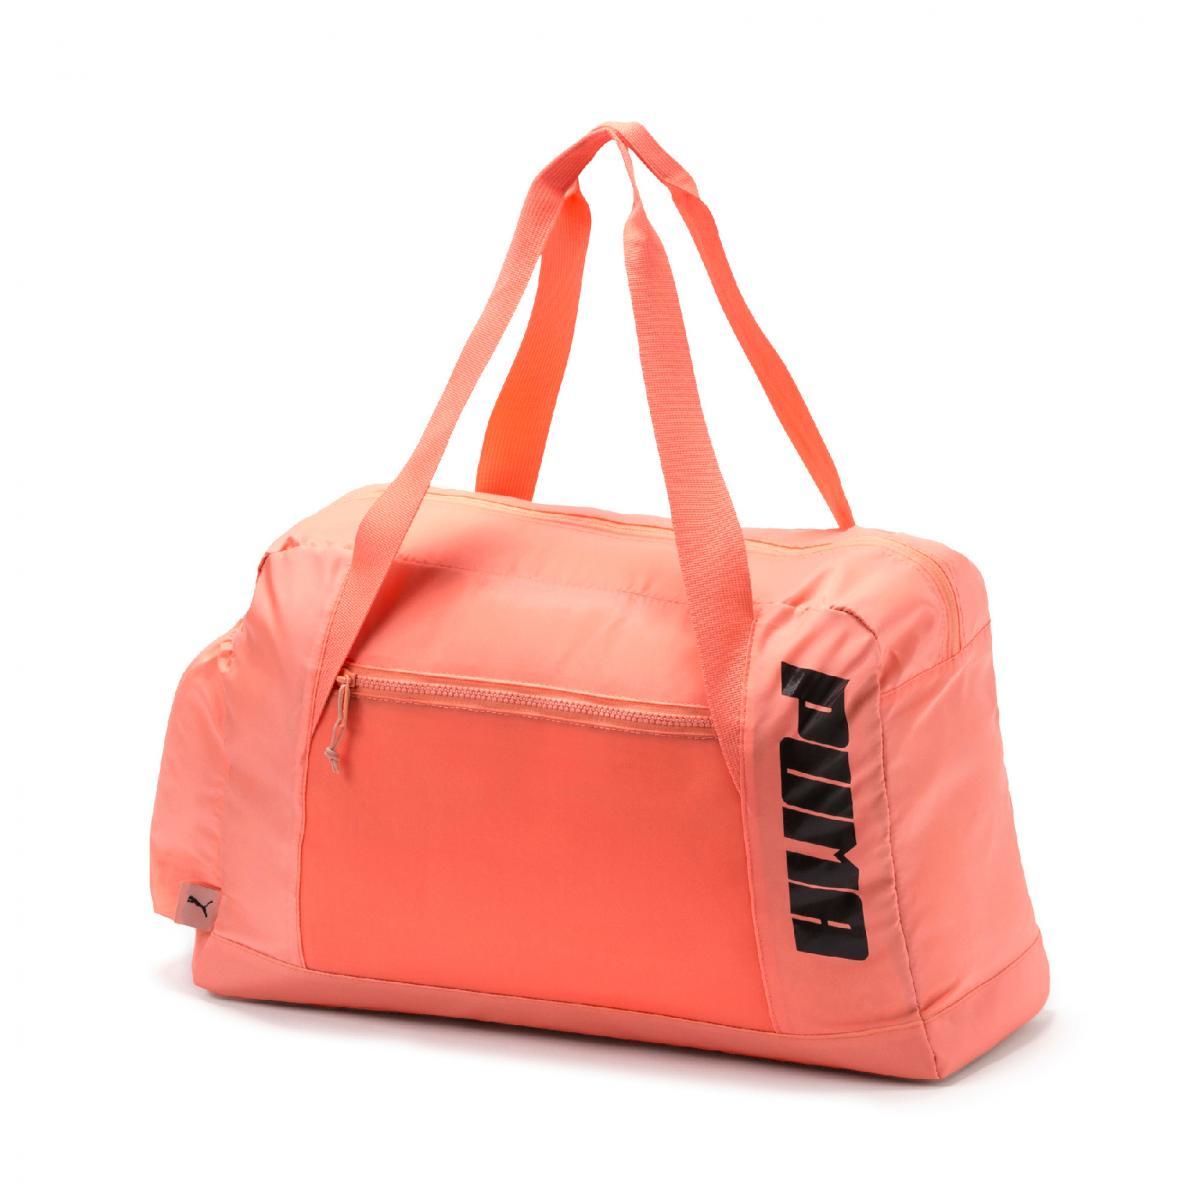 Puma női fitnesz táska fényes barackvirág színű